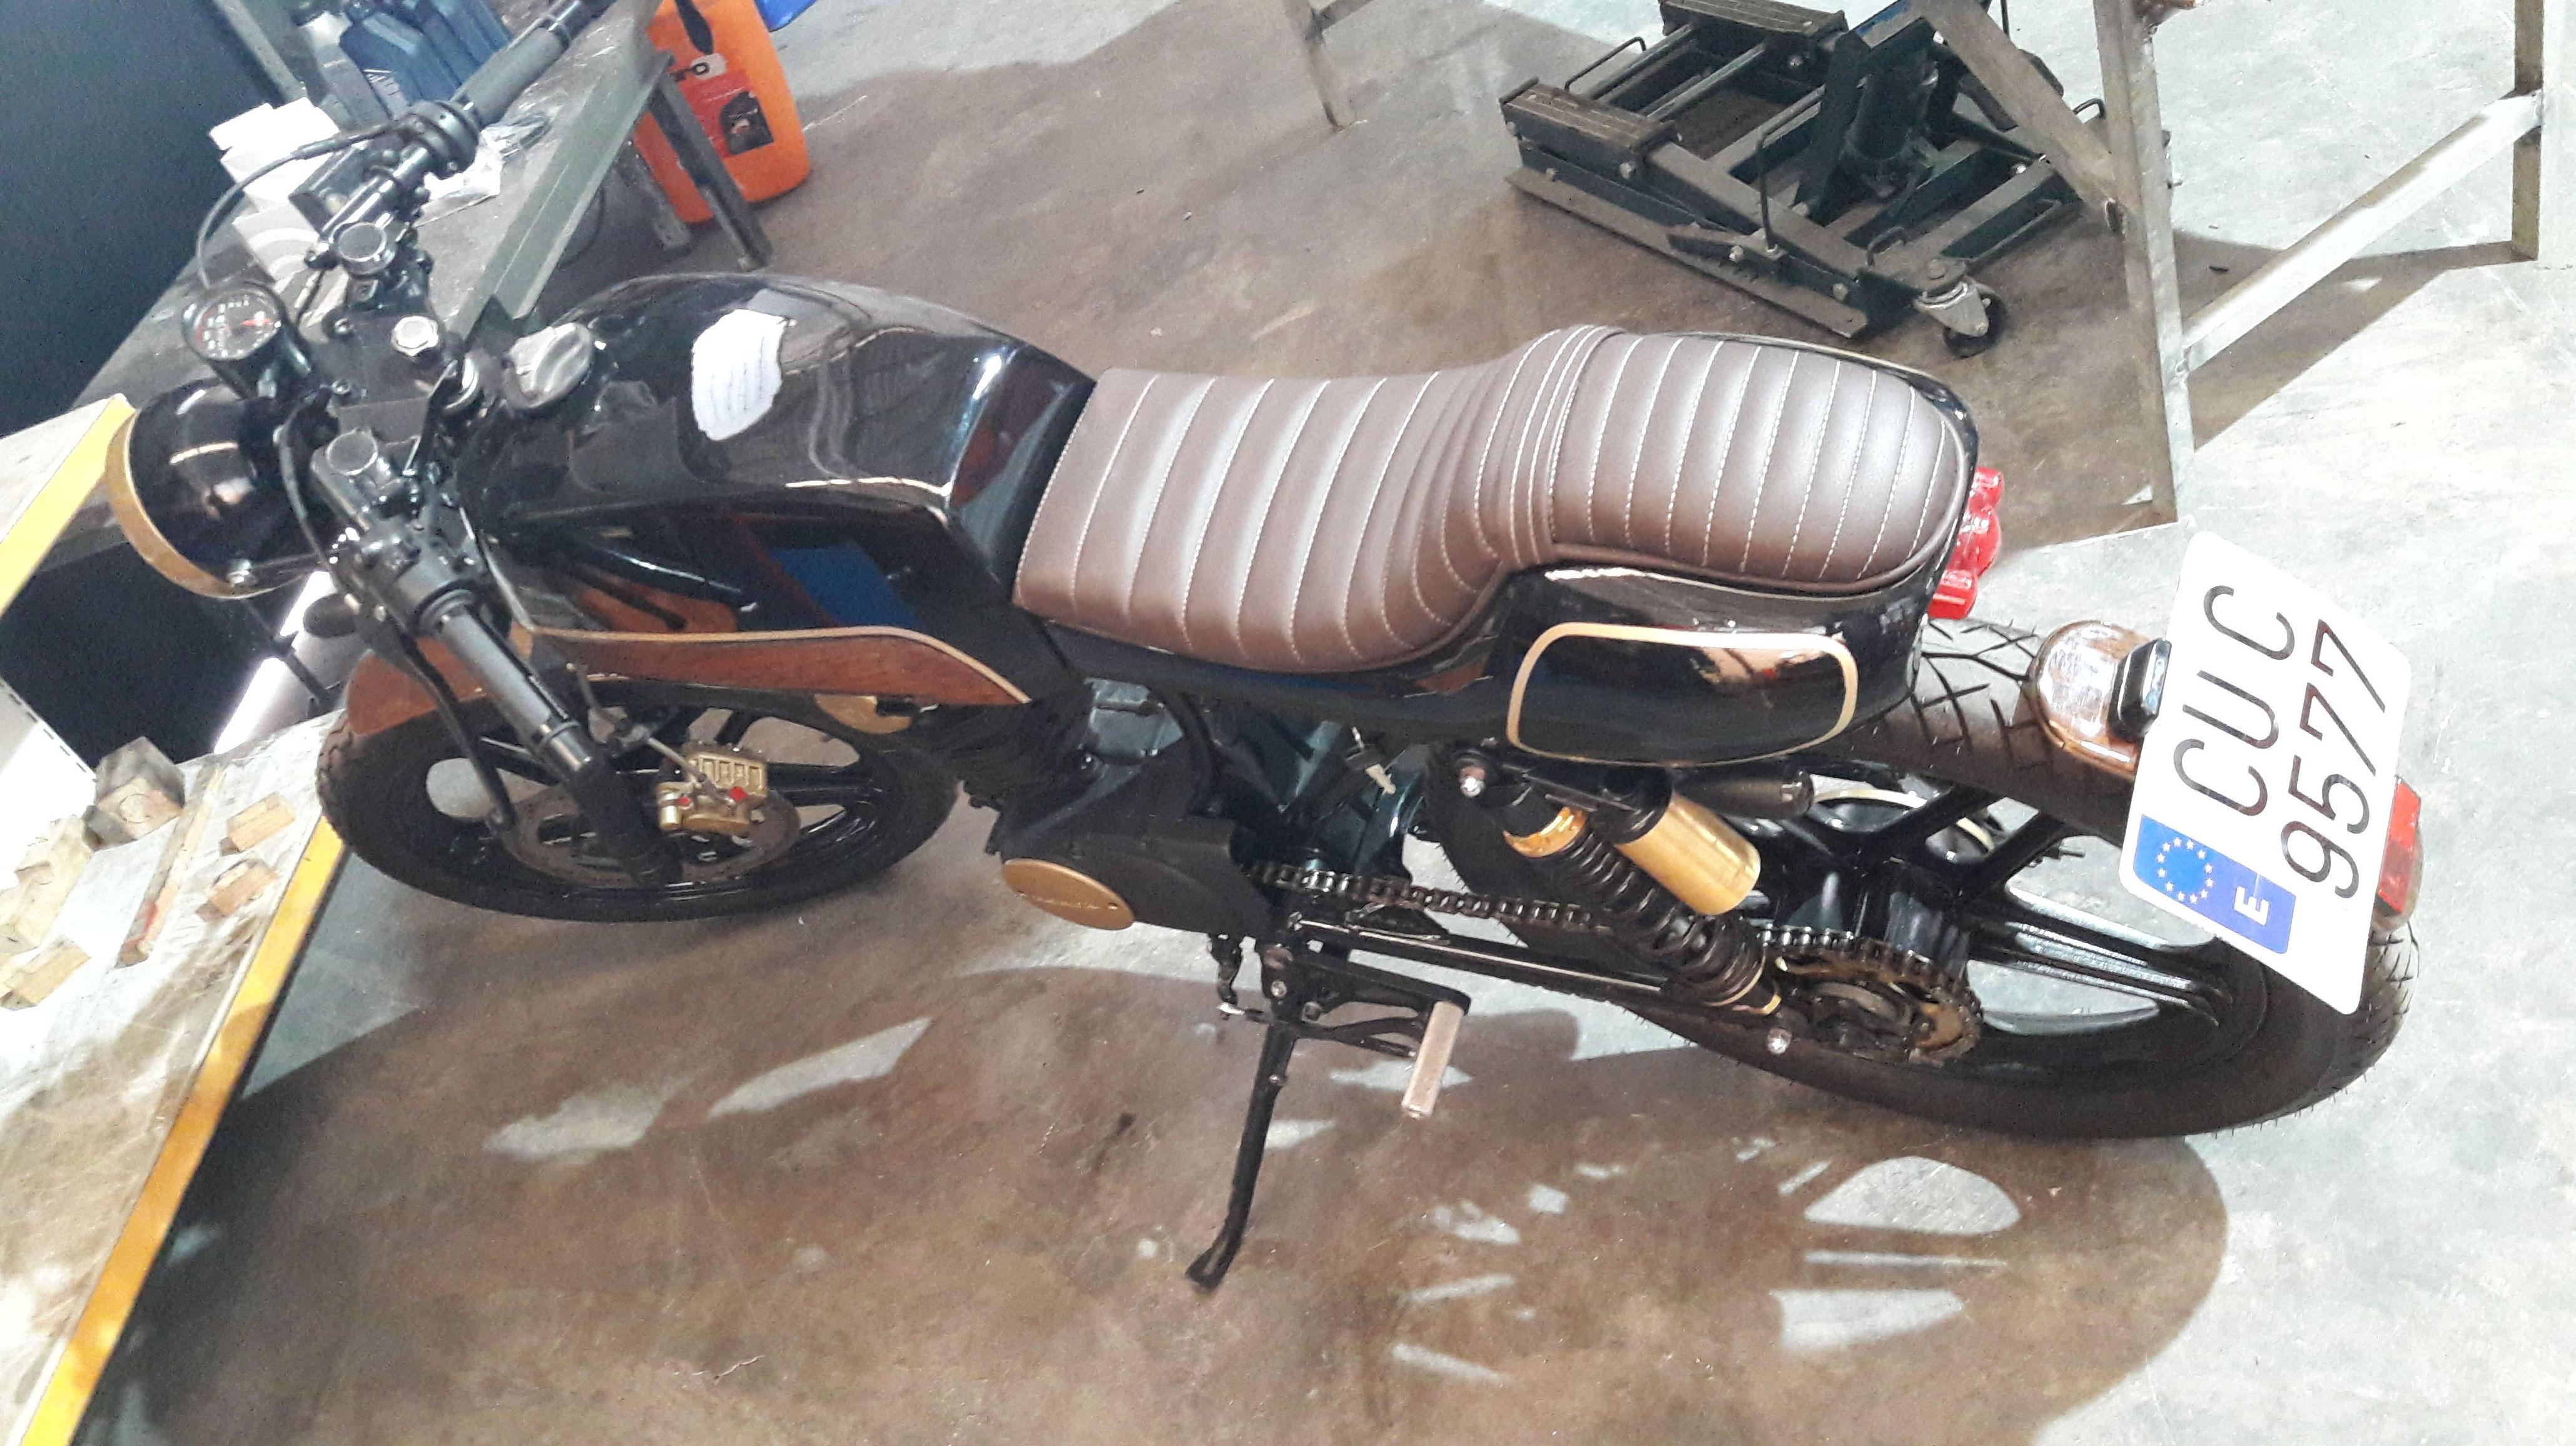 Tapizados de motos: Servicios de Tapicería Colber